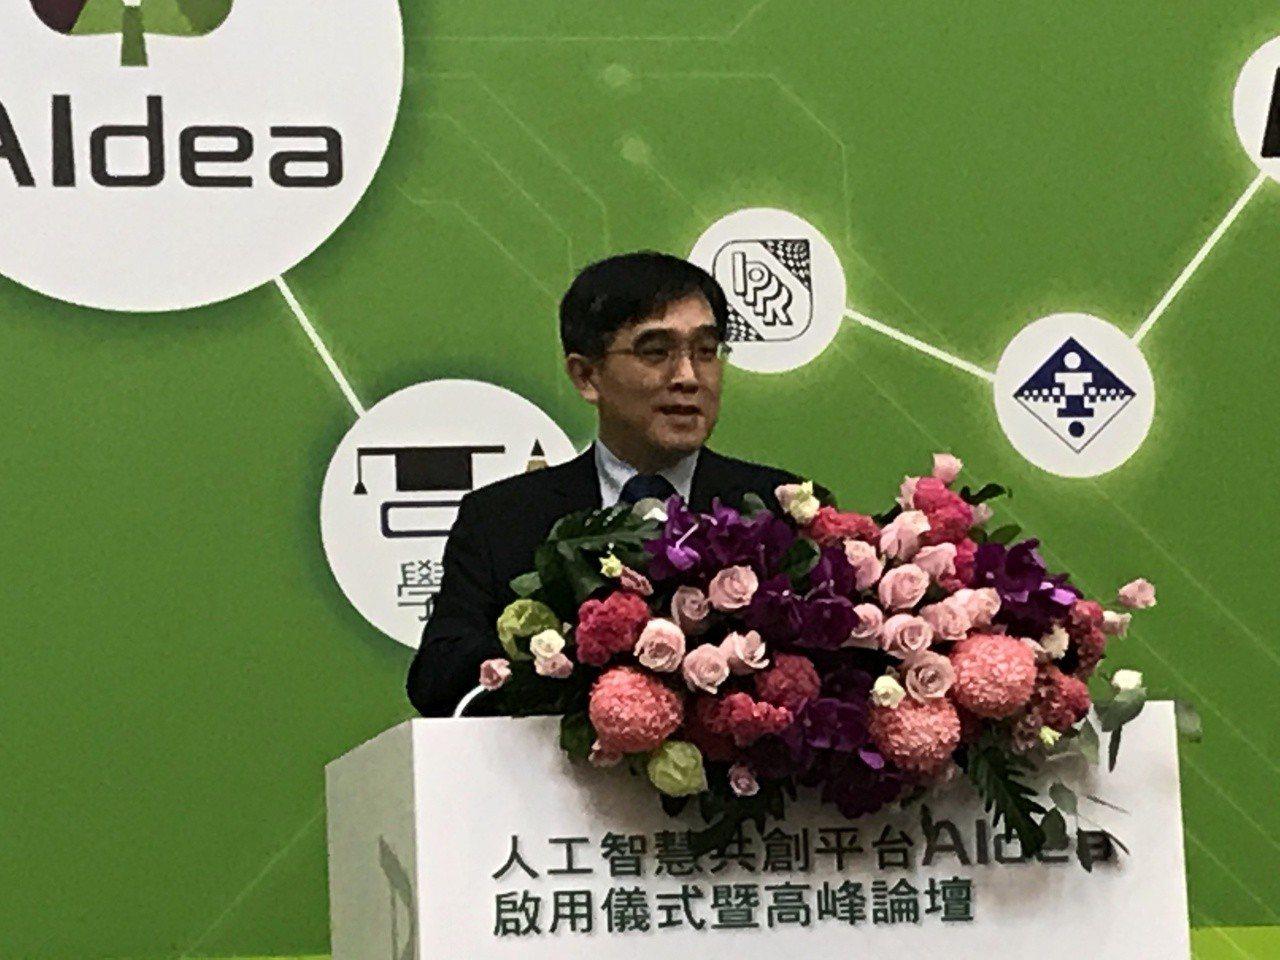 工研院協理余孝先今(22)日宣布,人工智慧共創平台AIdea啟用,要助企業AI應...